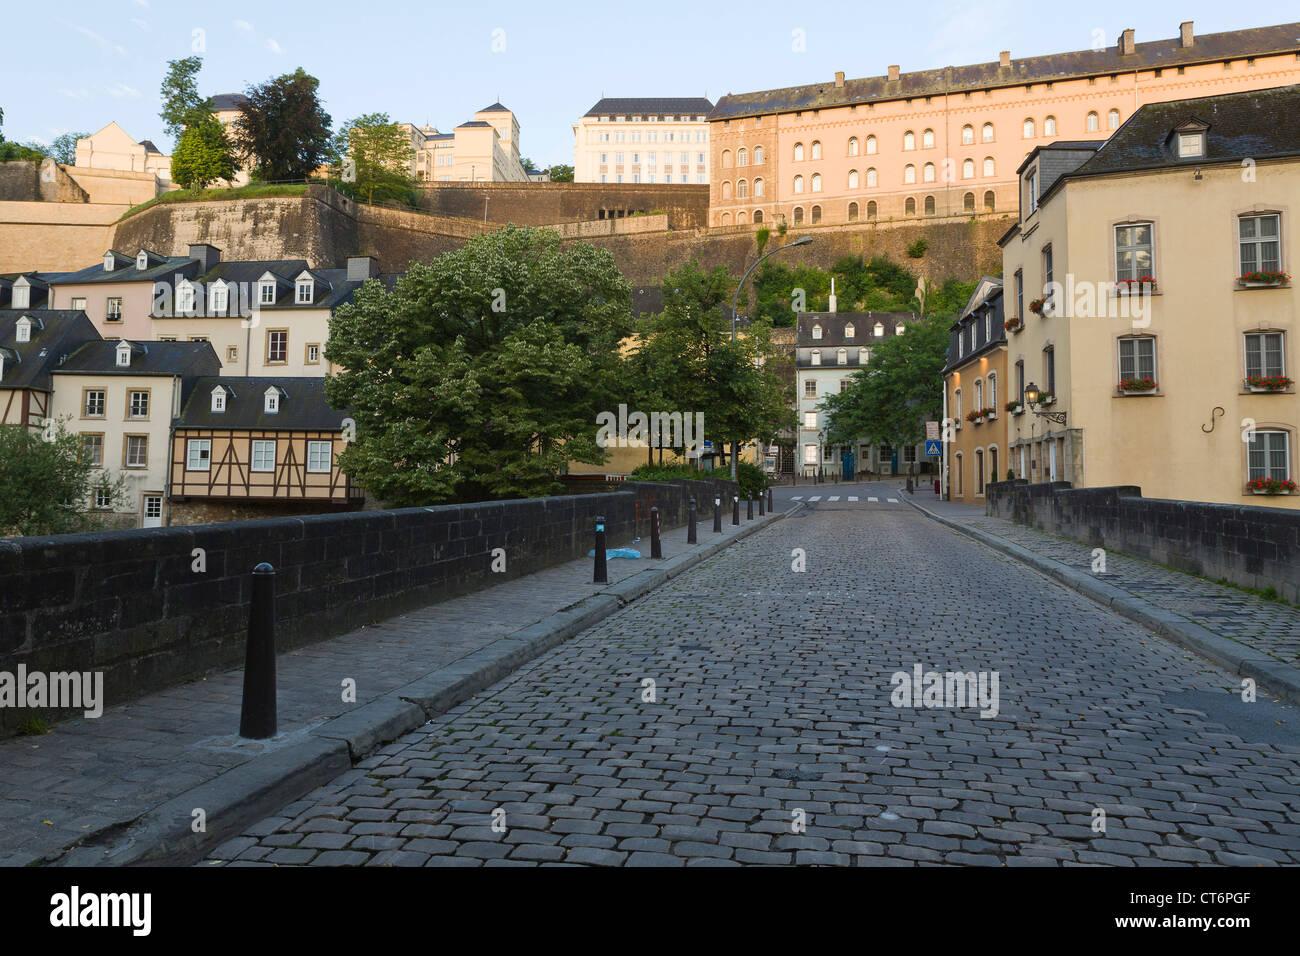 Blick von der Brücke über der Alzette in das Altstadtviertel Grund der Stadt Luxemburg Stockbild